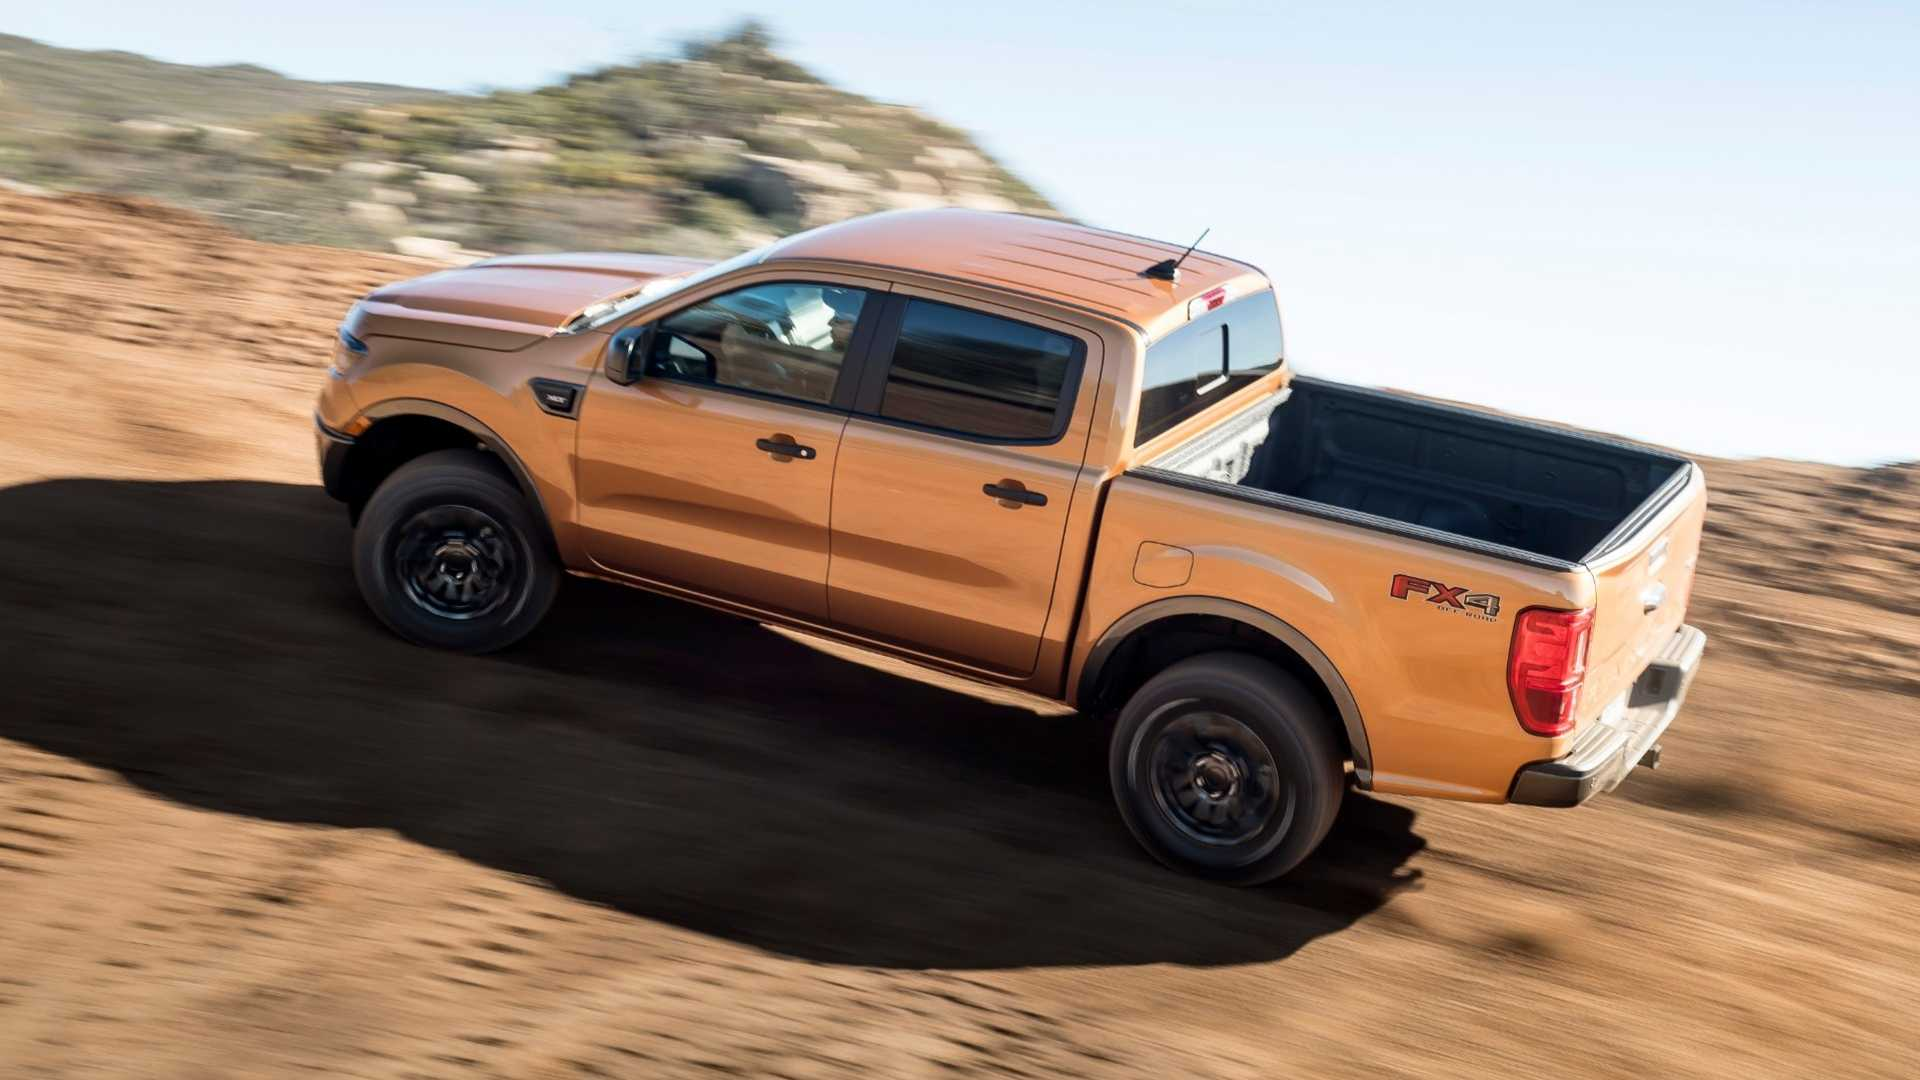 Ford Ranger от ателье Ford Performance или официальный тюнинг для пикапа